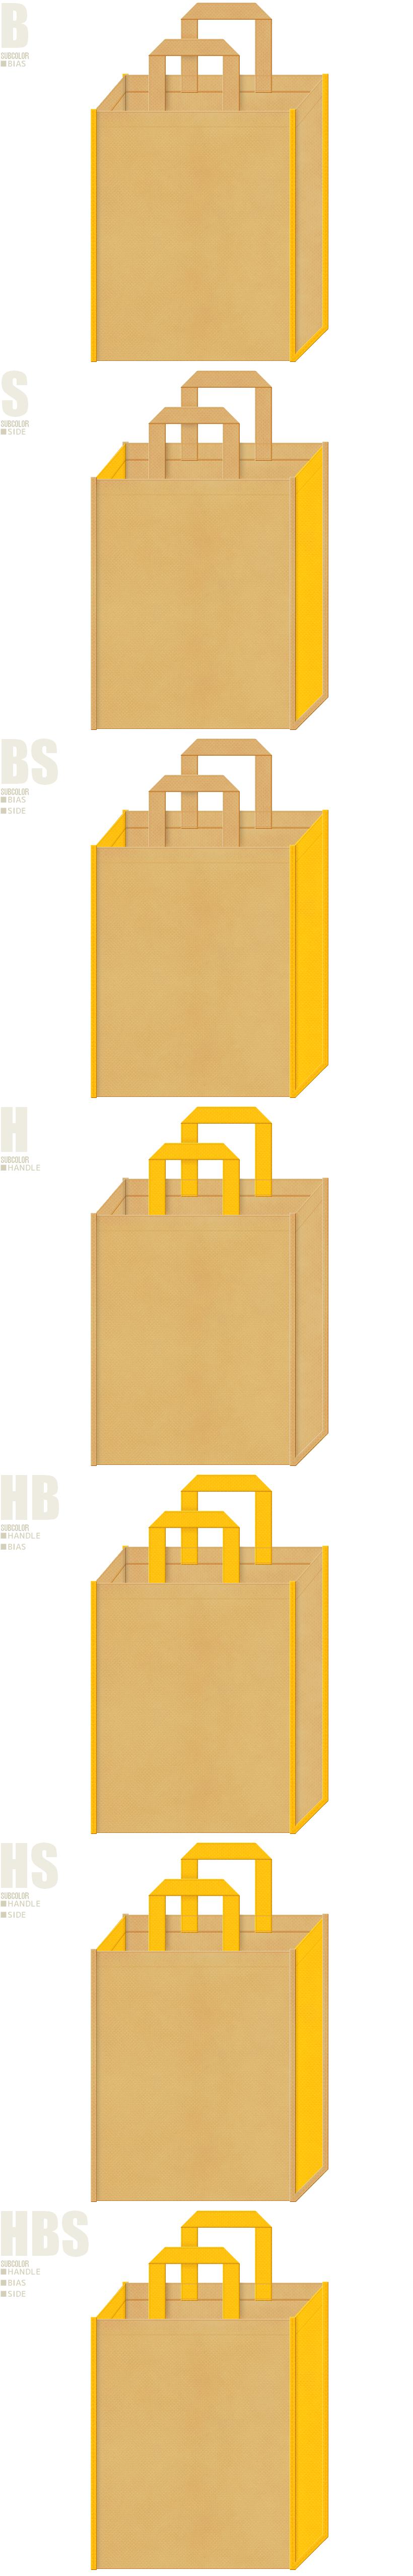 バター・マロンケーキ・スイーツ・はちみつ・栗・和菓子のショッピングバッグにお奨めの不織布バッグデザイン:薄黄土色と黄色の配色7パターン